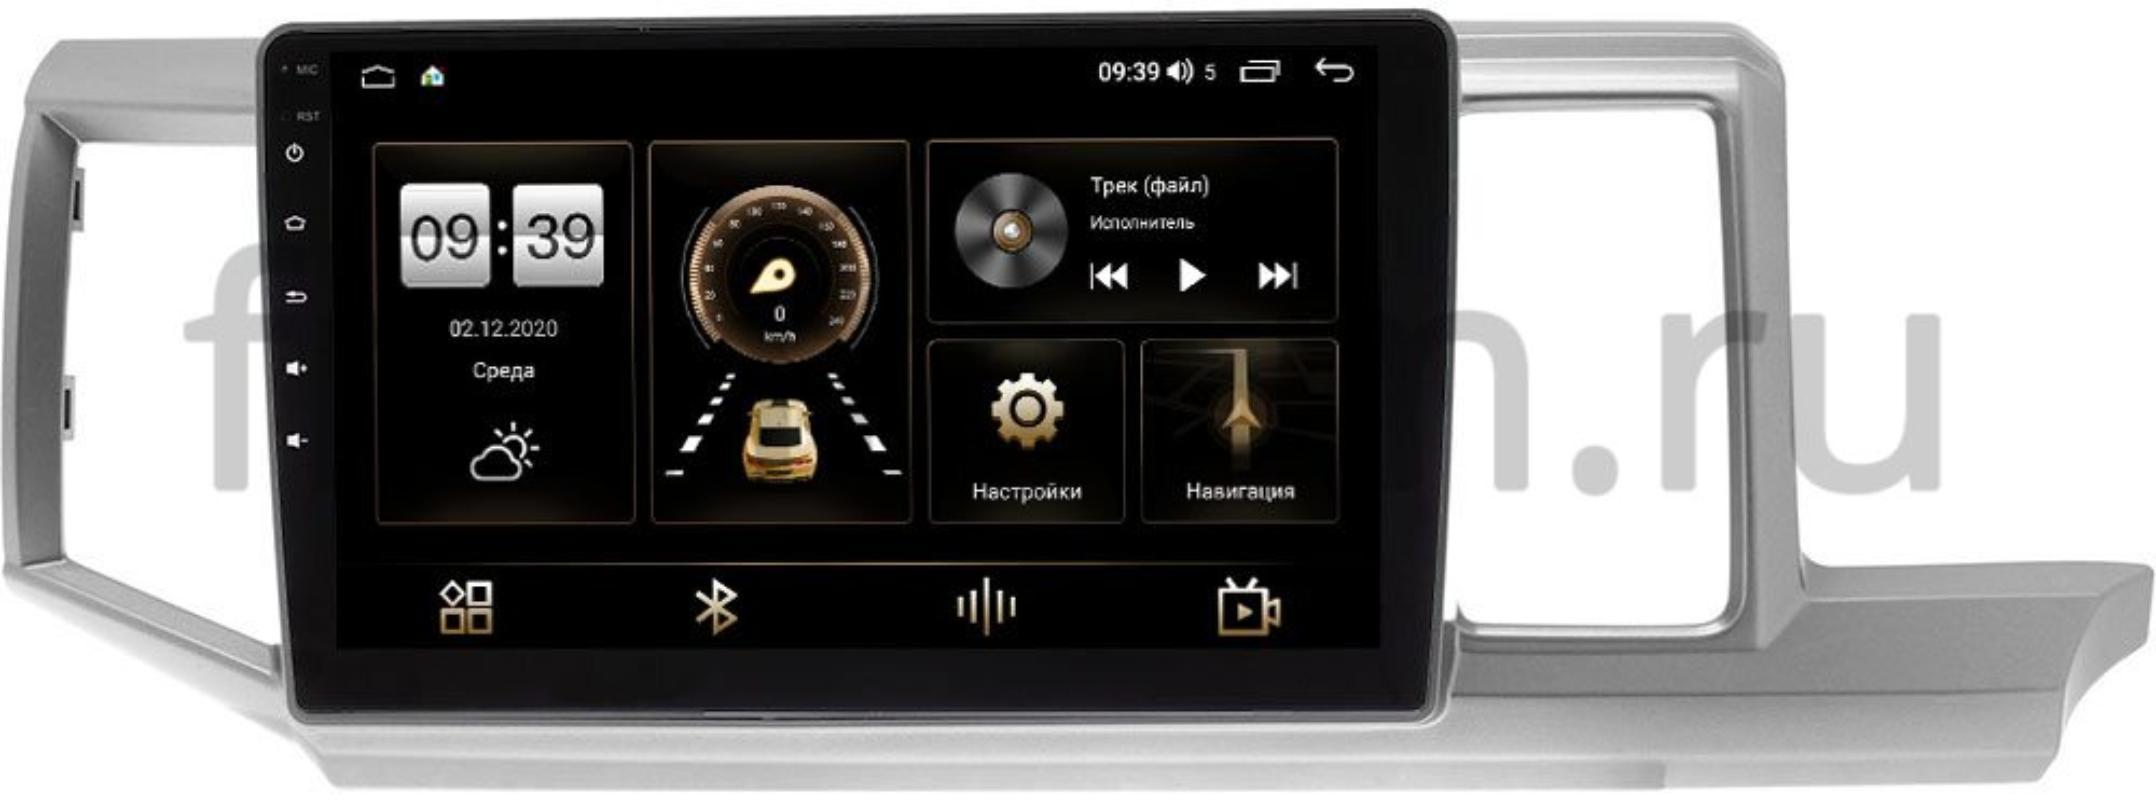 Штатная магнитола LeTrun 4165-10-1139 для Honda Stepwgn IV 2009-2015 (правый руль) на Android 10 (4G-SIM, 3/32, DSP, QLed) (+ Камера заднего вида в подарок!)